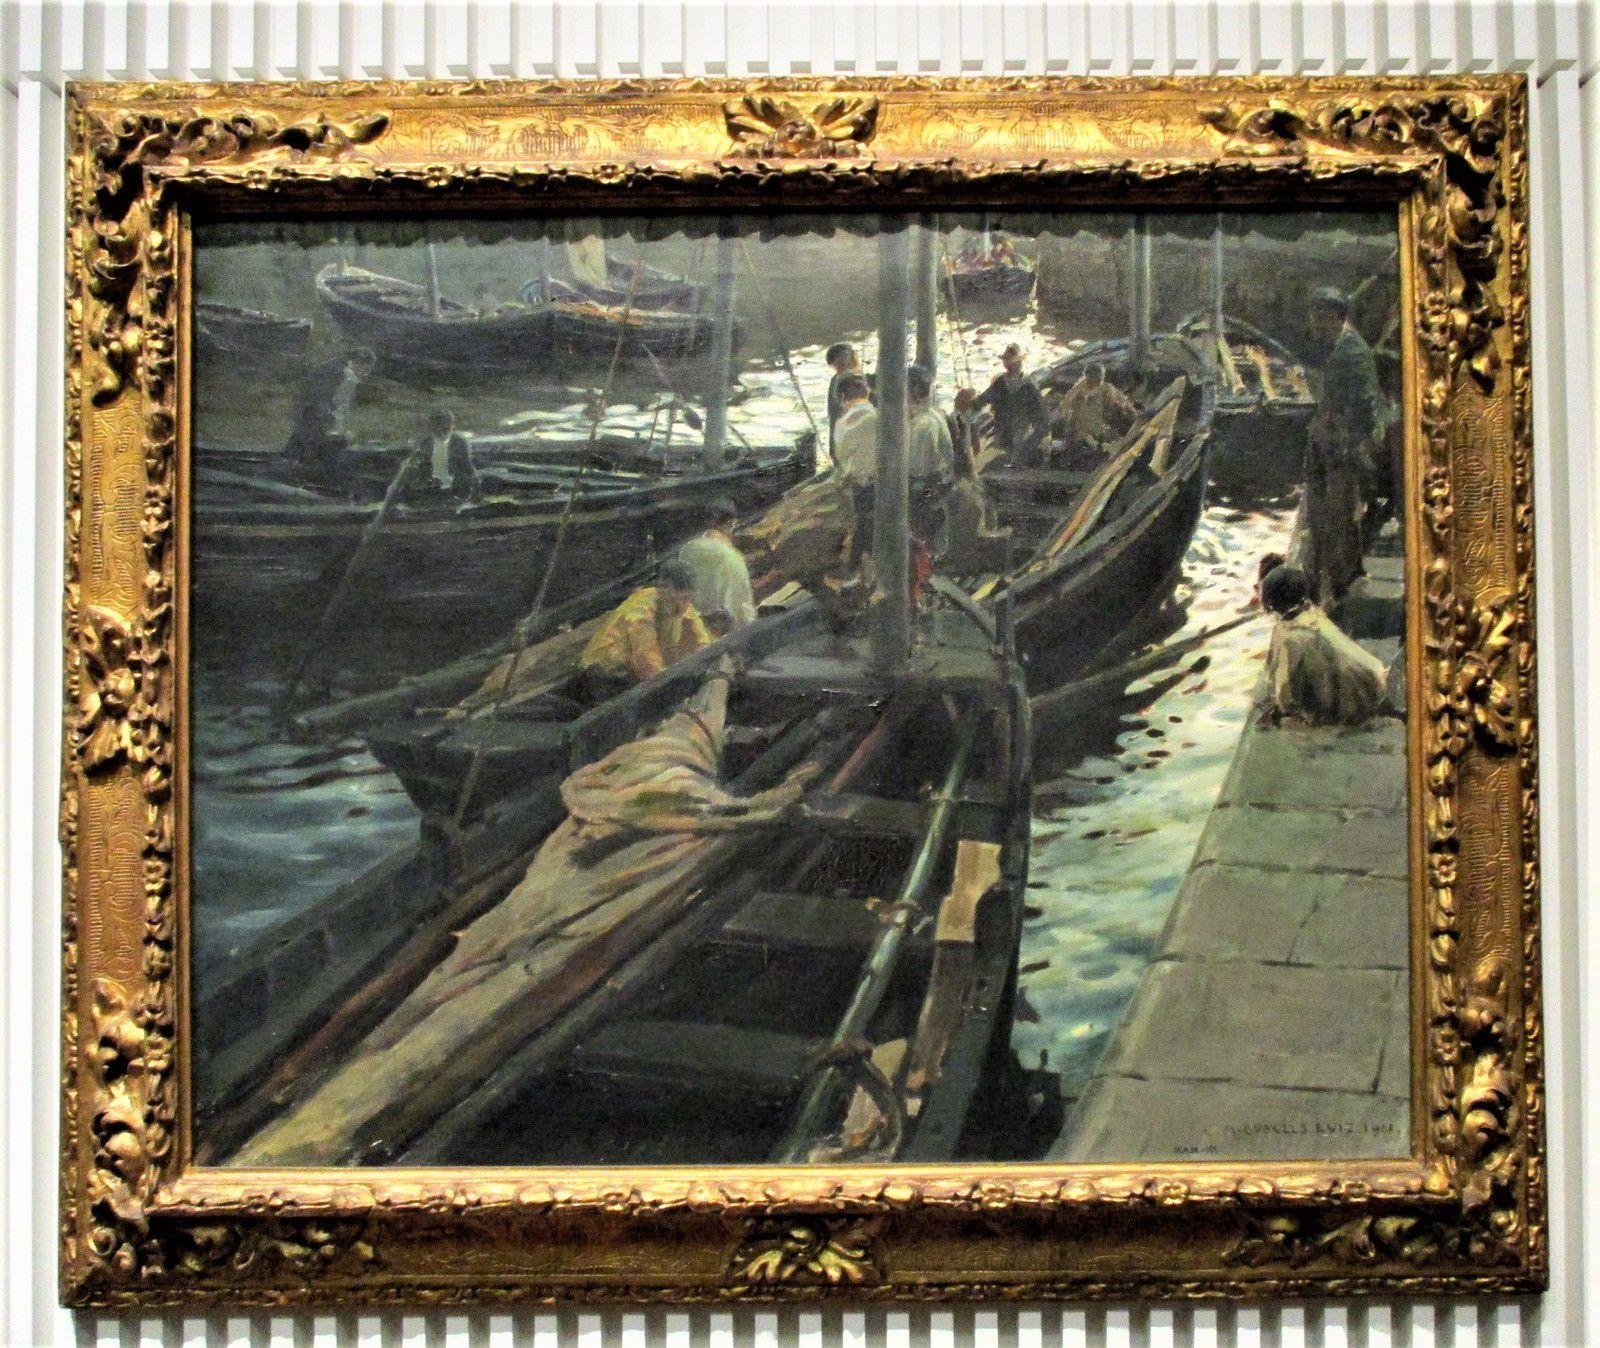 Retour de pêche - Enrique Martínez-Cubells y Ruiz Diosayuda, 1911